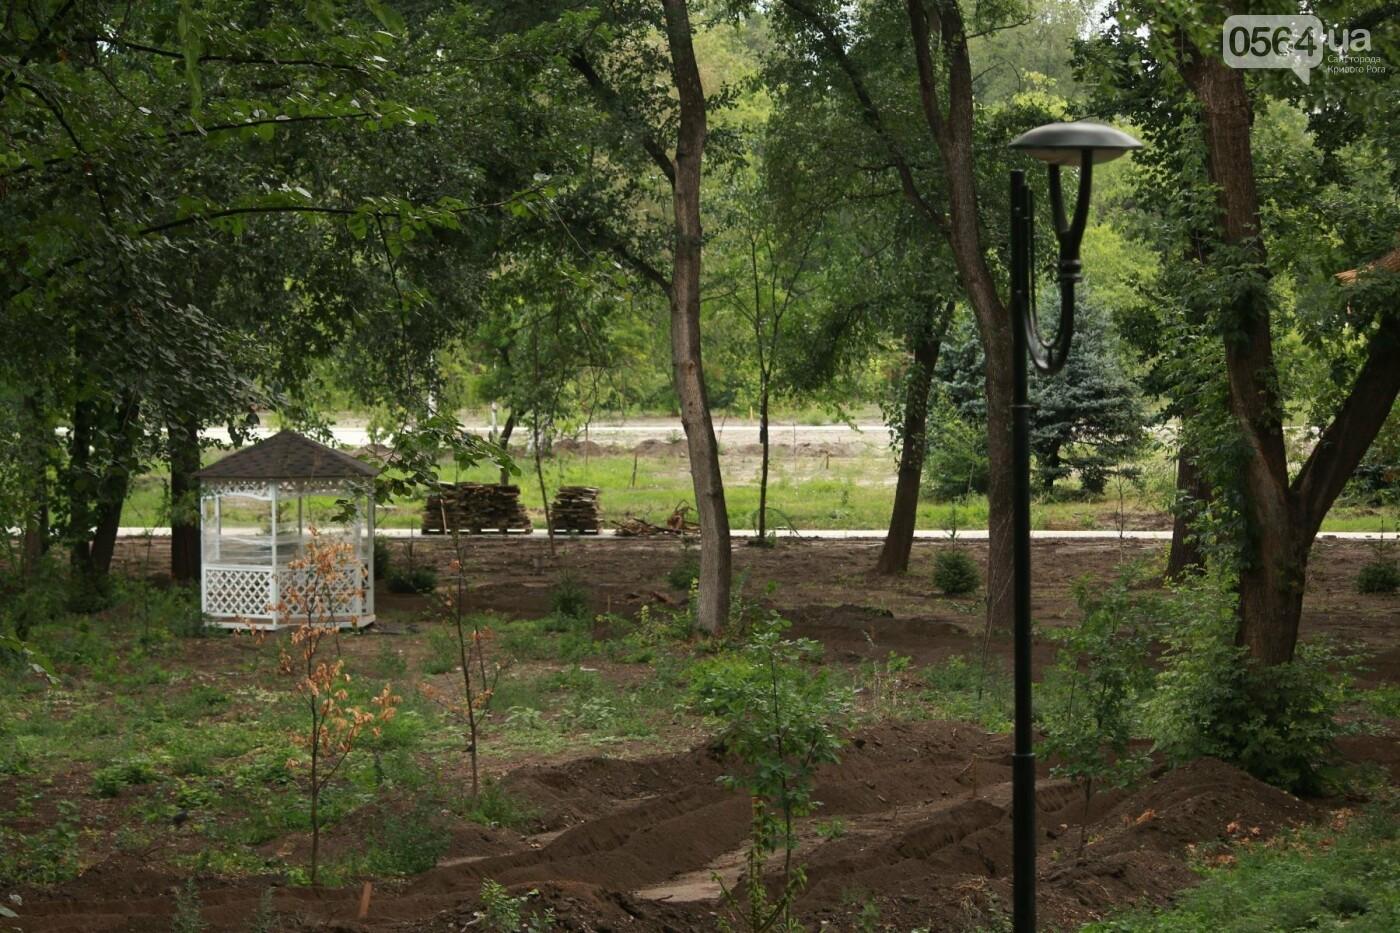 НАБУ по запросу нардепа Усова проверяет реконструкцию в Гданцевском парке Кривого Рога, фото-6